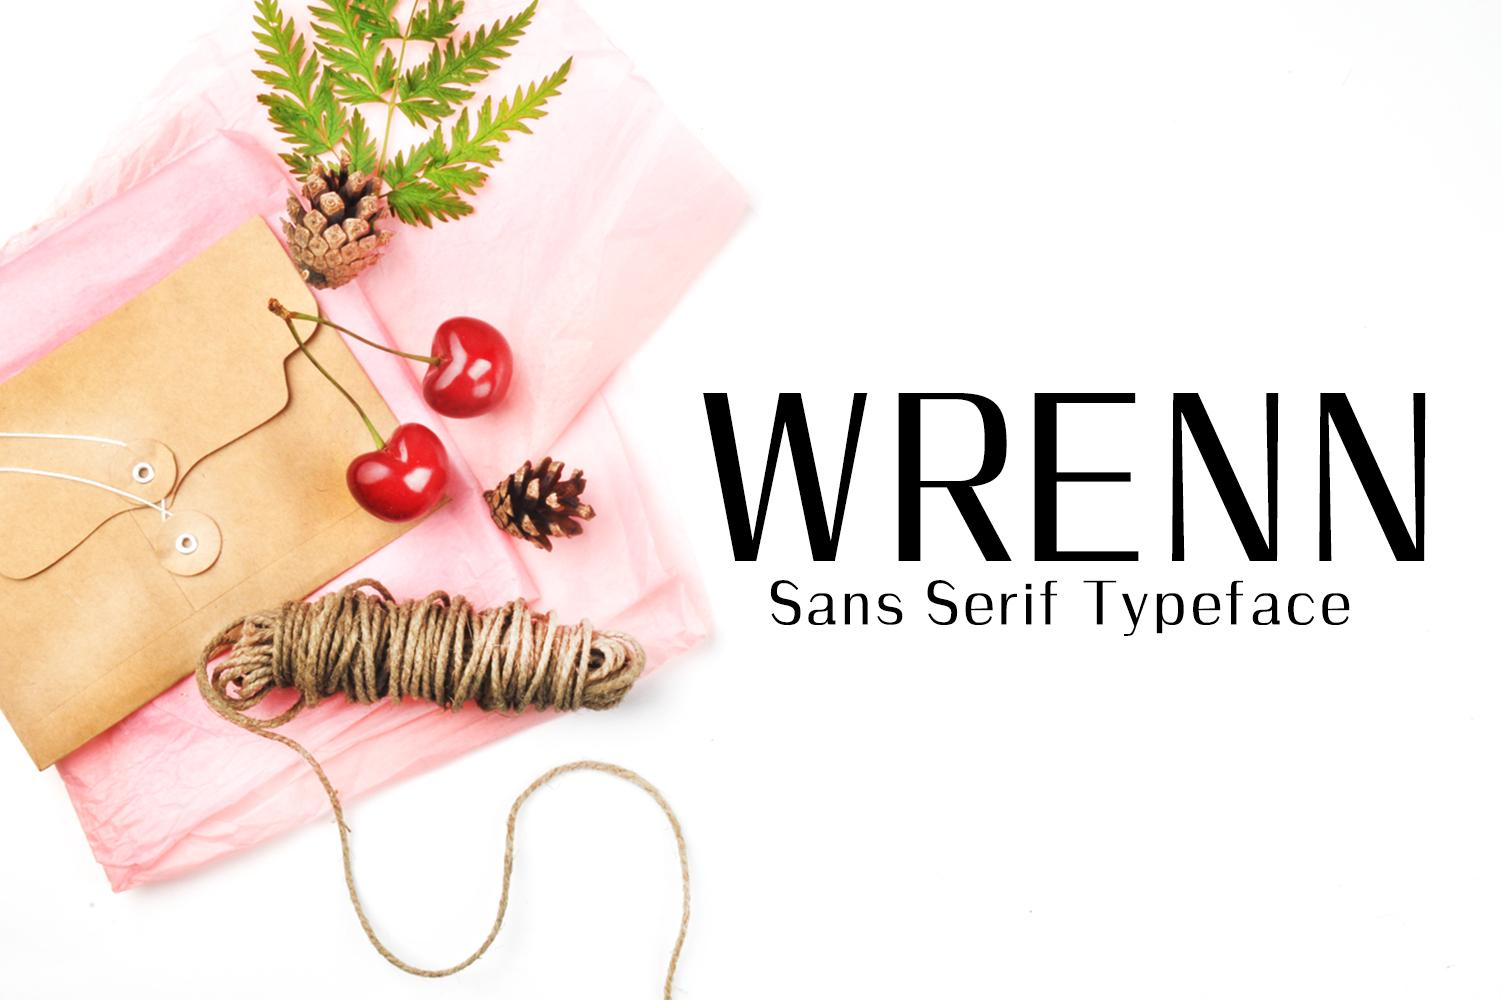 Wrenn Sans Serif 6 Font Family example image 1